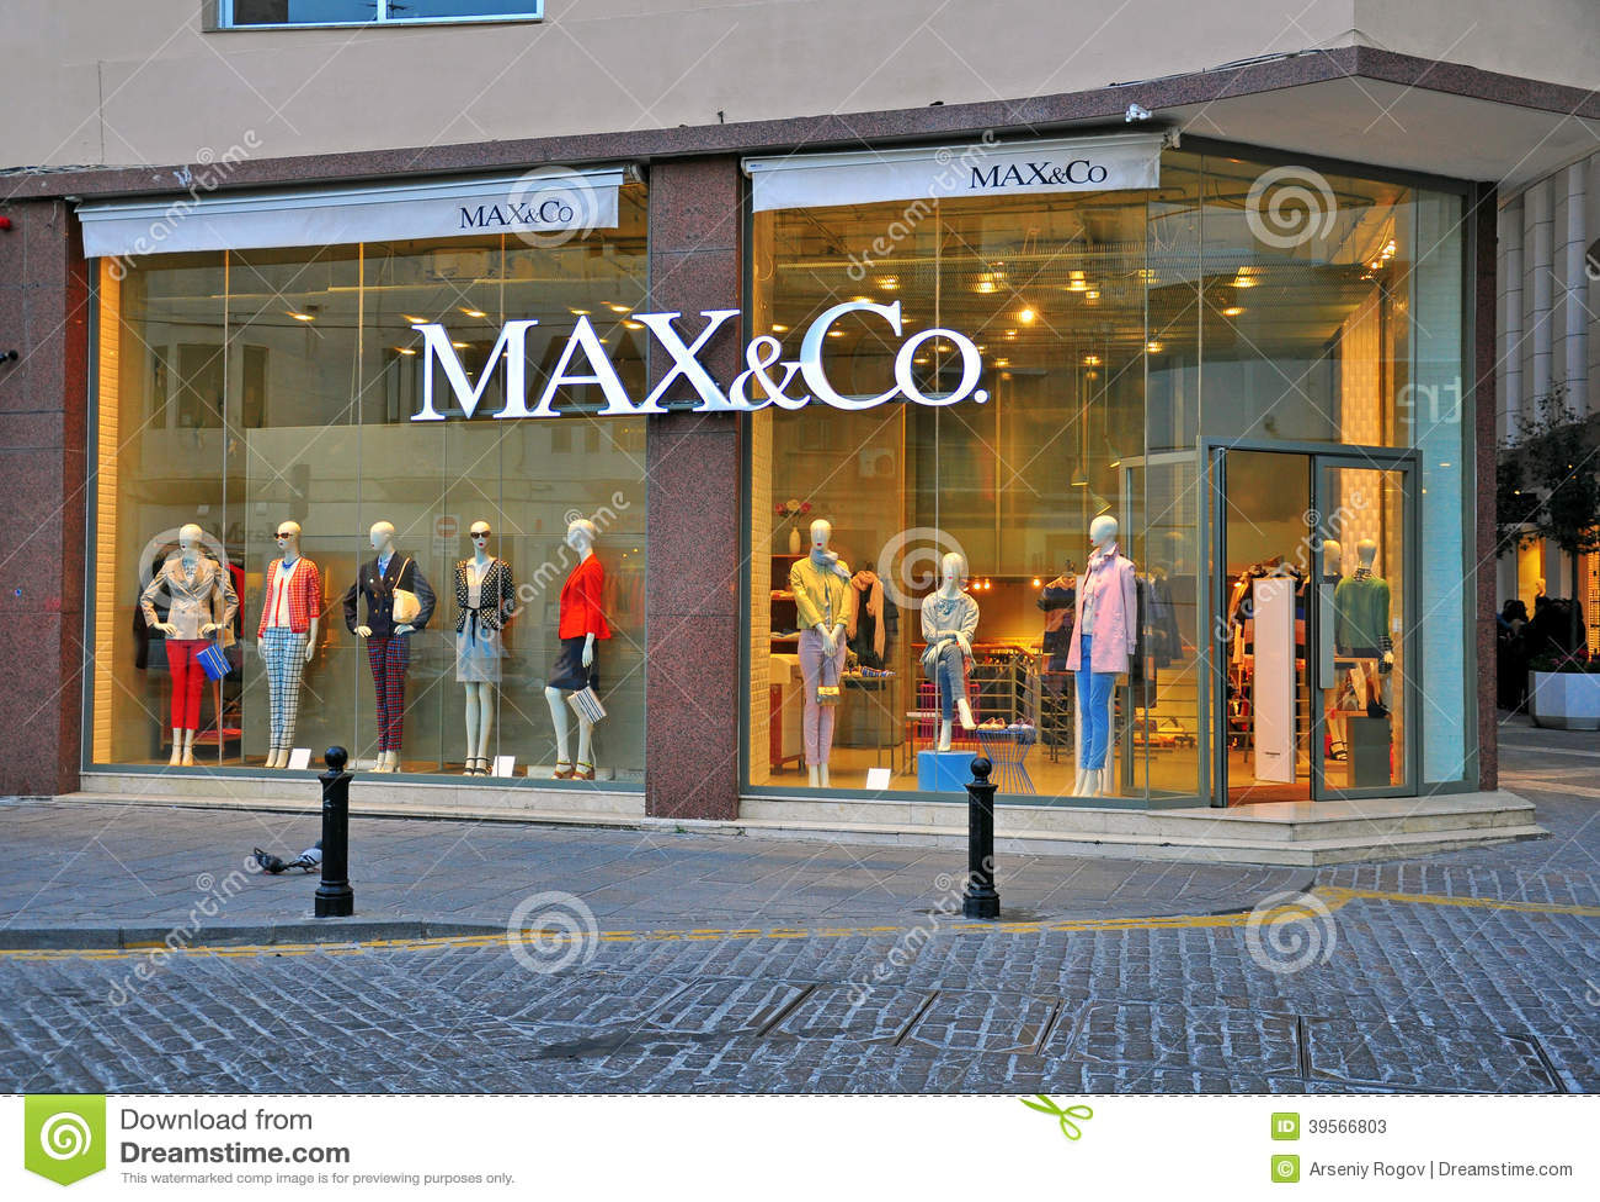 Max Amp Co Store In Malta Editorial Stock Photo Image 39566803